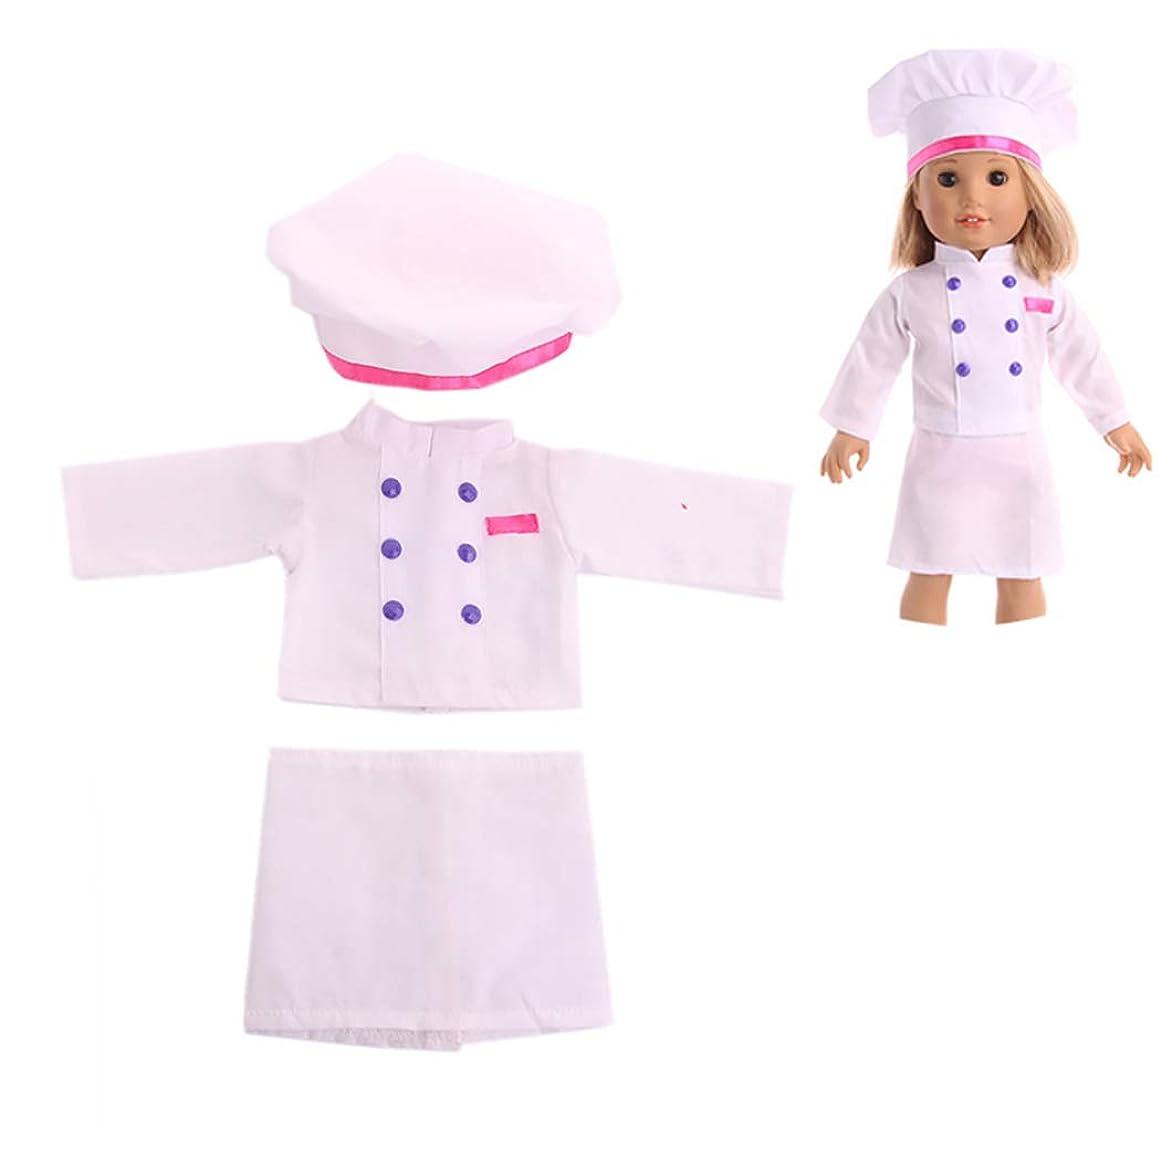 文献り安全性Coxeer 人形の衣装セット素敵な人形の服アクセサリー人形のドレス人形のおもちゃのふり